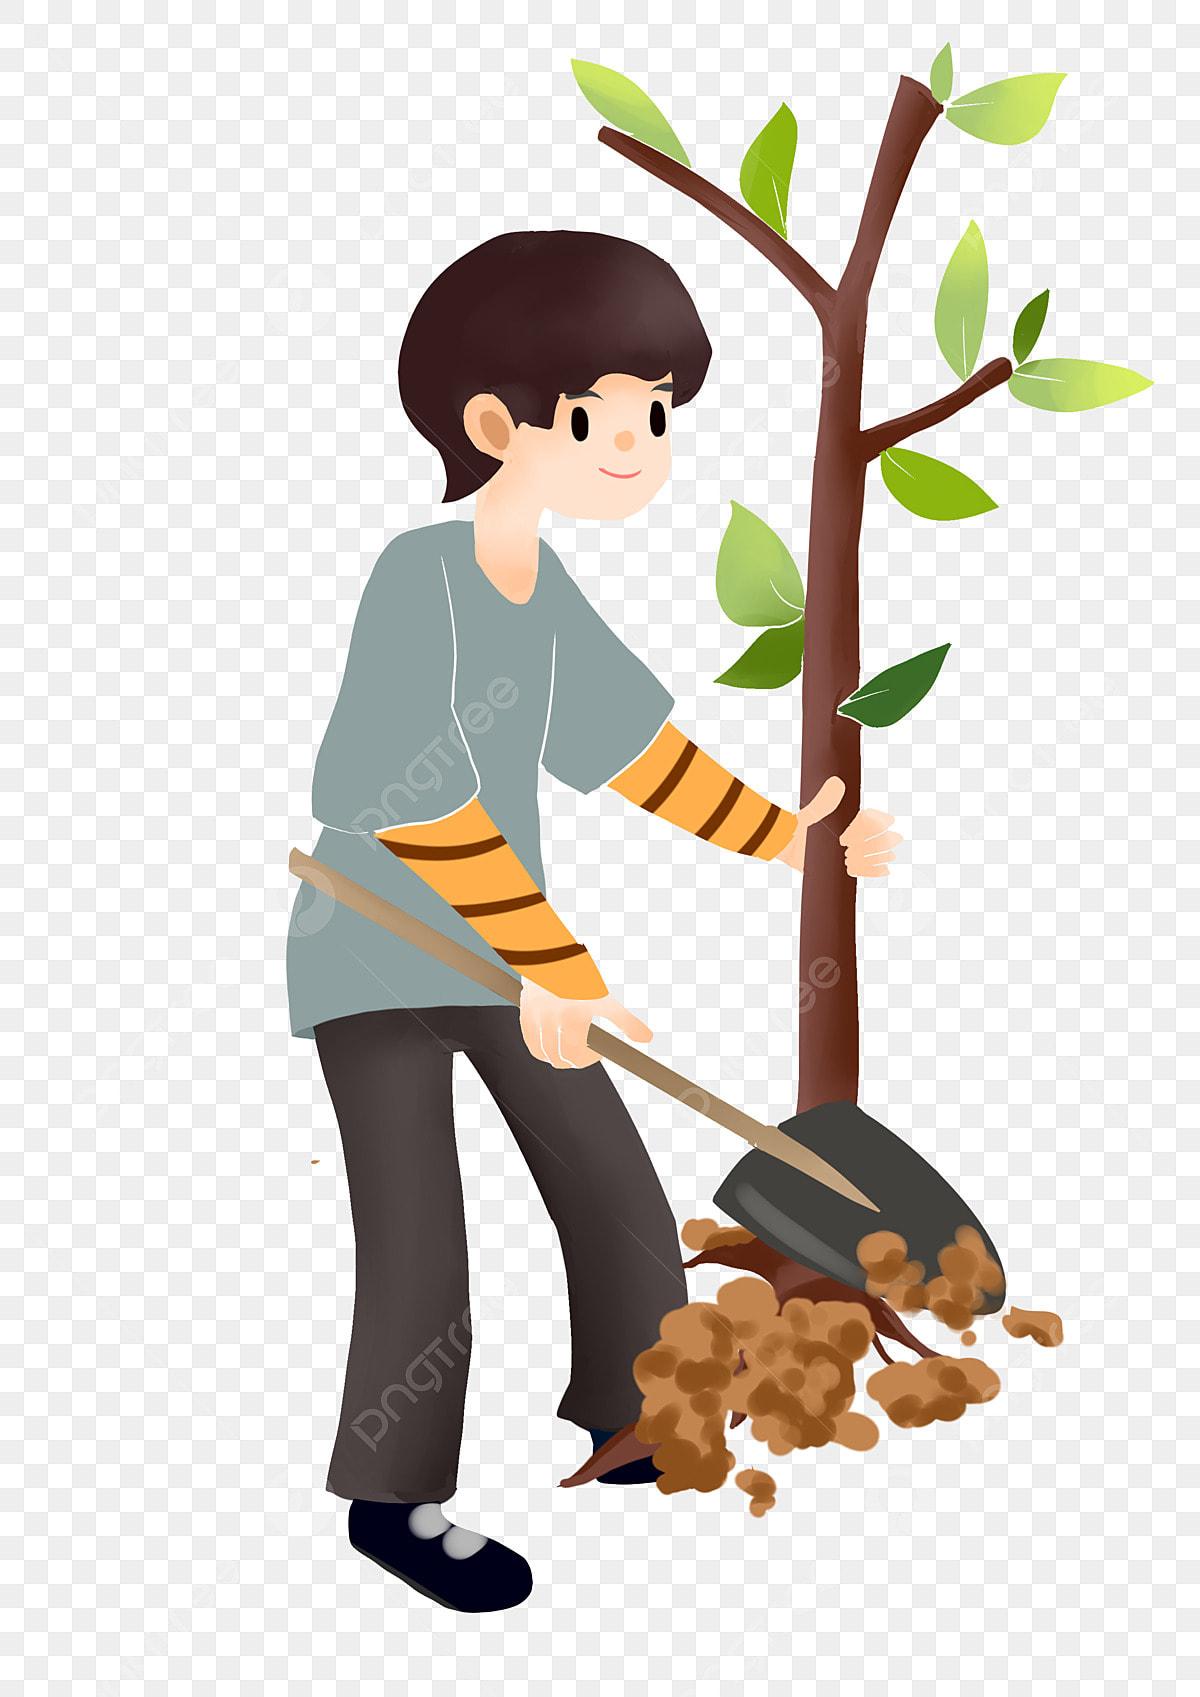 صورة شخصية يوم الشجرة صبي صغير يزرع شجرة أوراق خضراء زخرفة نباتية يزرع شخصية كرتونية صبي صغير يزرع شجرة Png وملف Psd للتحميل مجانا